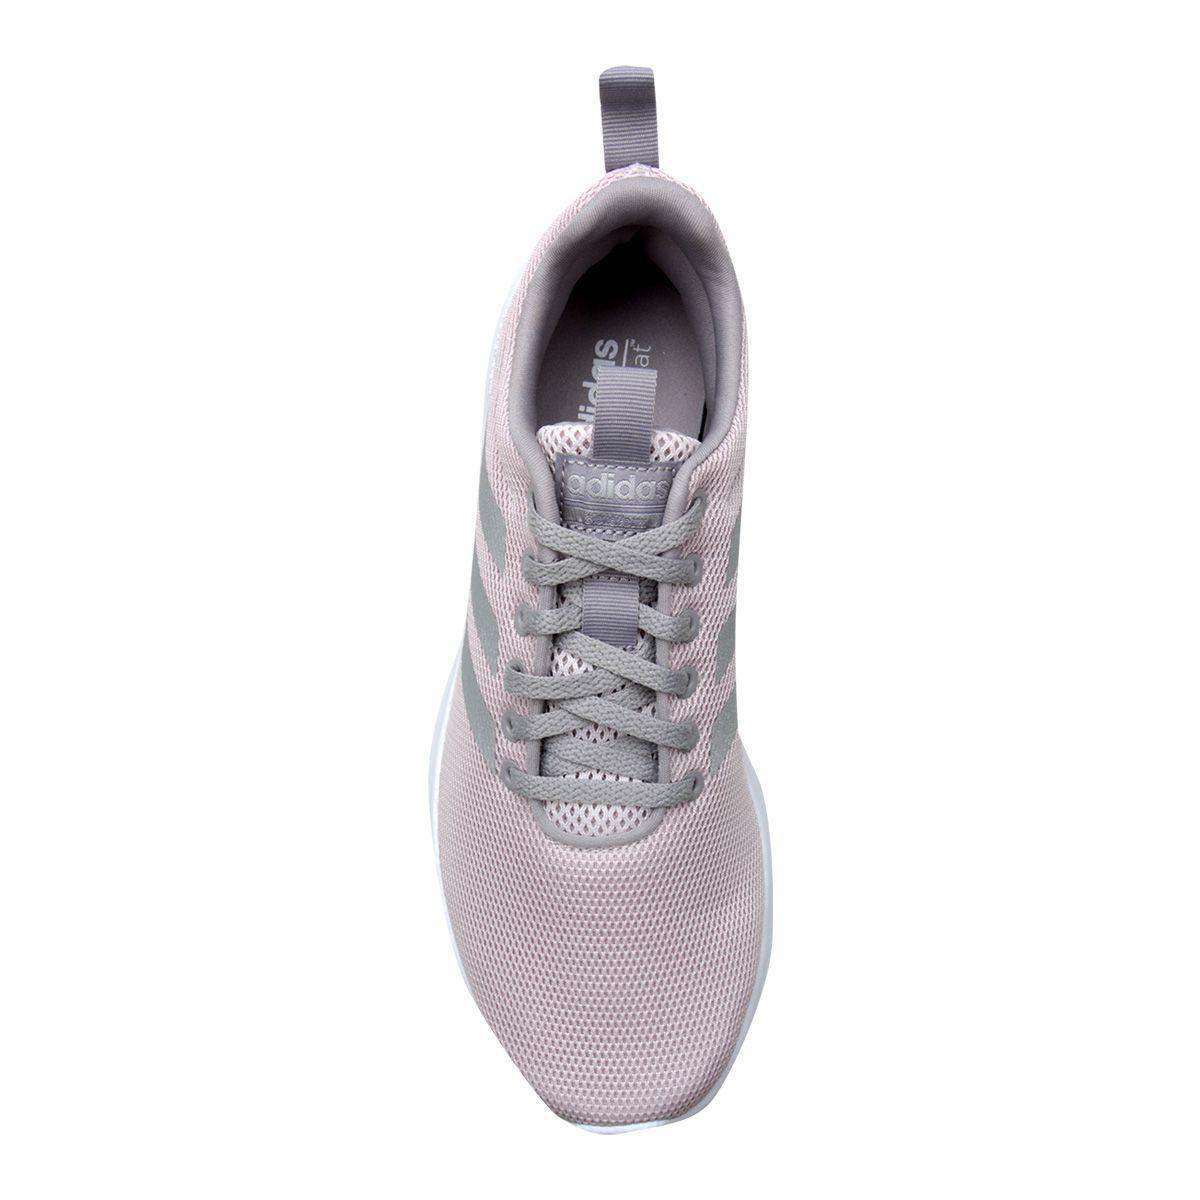 c4953ffec Tênis Adidas Lite Racer CLN Feminino - Cinza R$ 229,99 à vista. Adicionar à  sacola